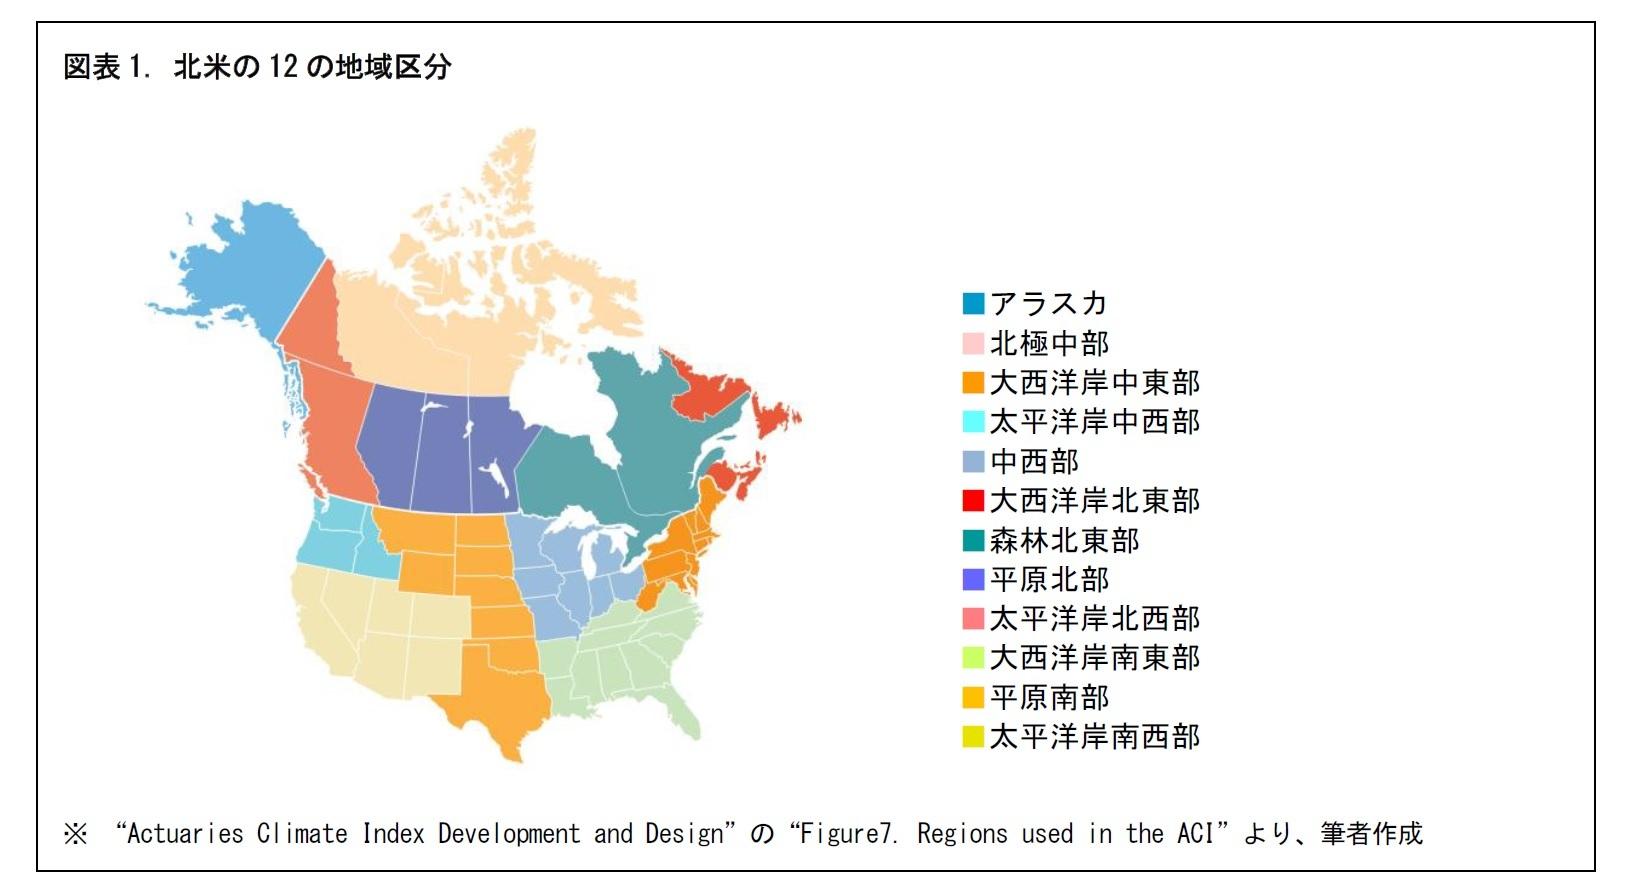 図表1. 北米の12 の地域区分